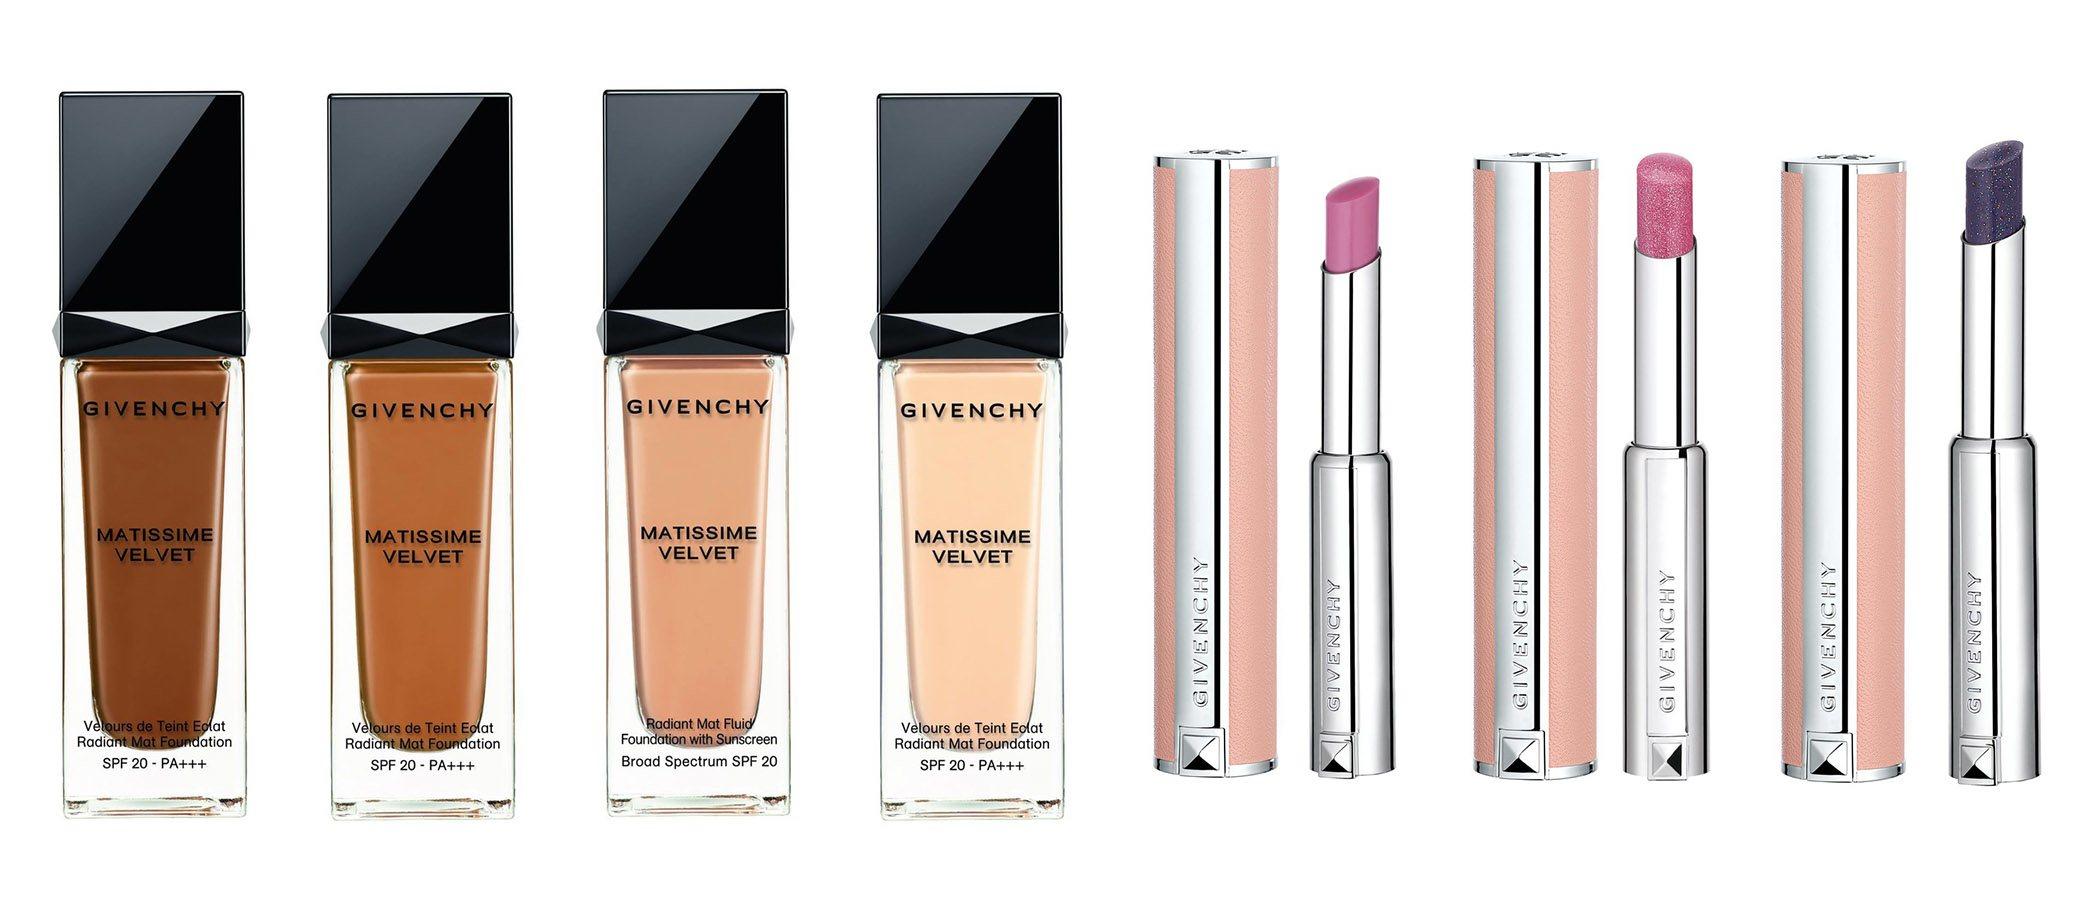 Nuevos tonos de base de maquillaje y labiales de Givenchy